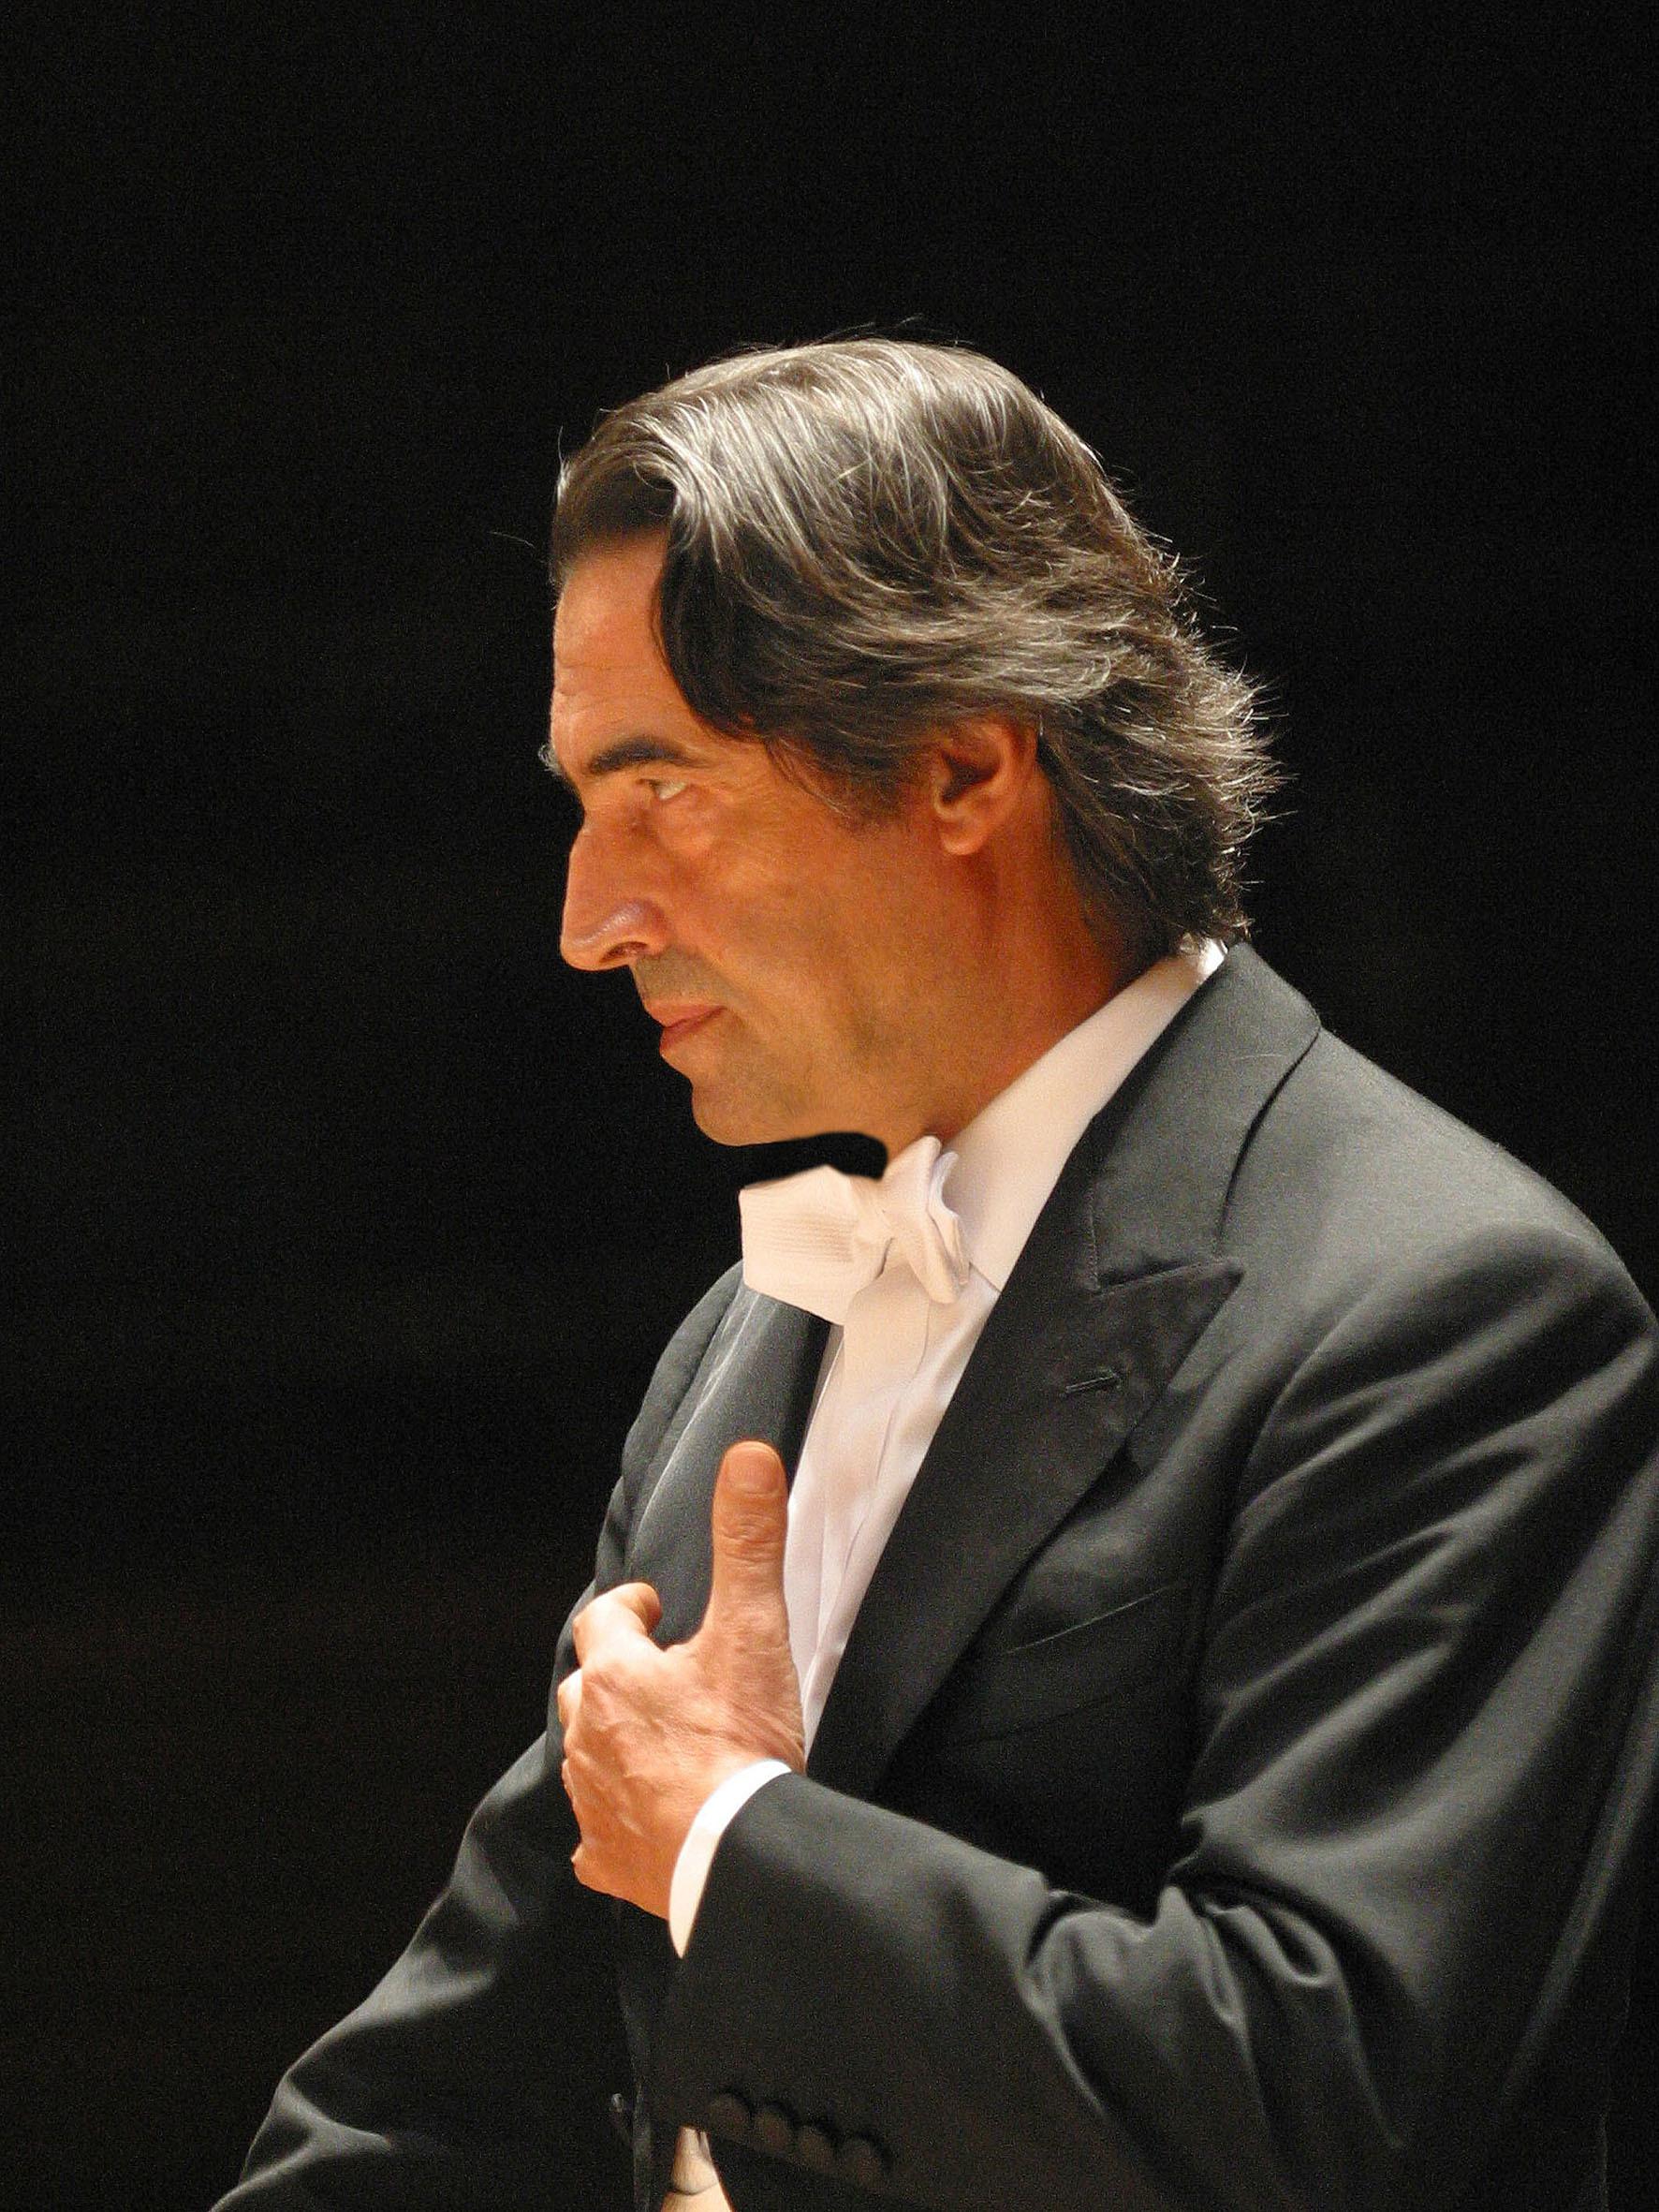 2016年はシカゴ交響楽団、東京・春・音楽祭、ウィーン国立歌劇場と、3回もの来日公演が行われるリッカルド・ムーティ (c)Silvia Lelli